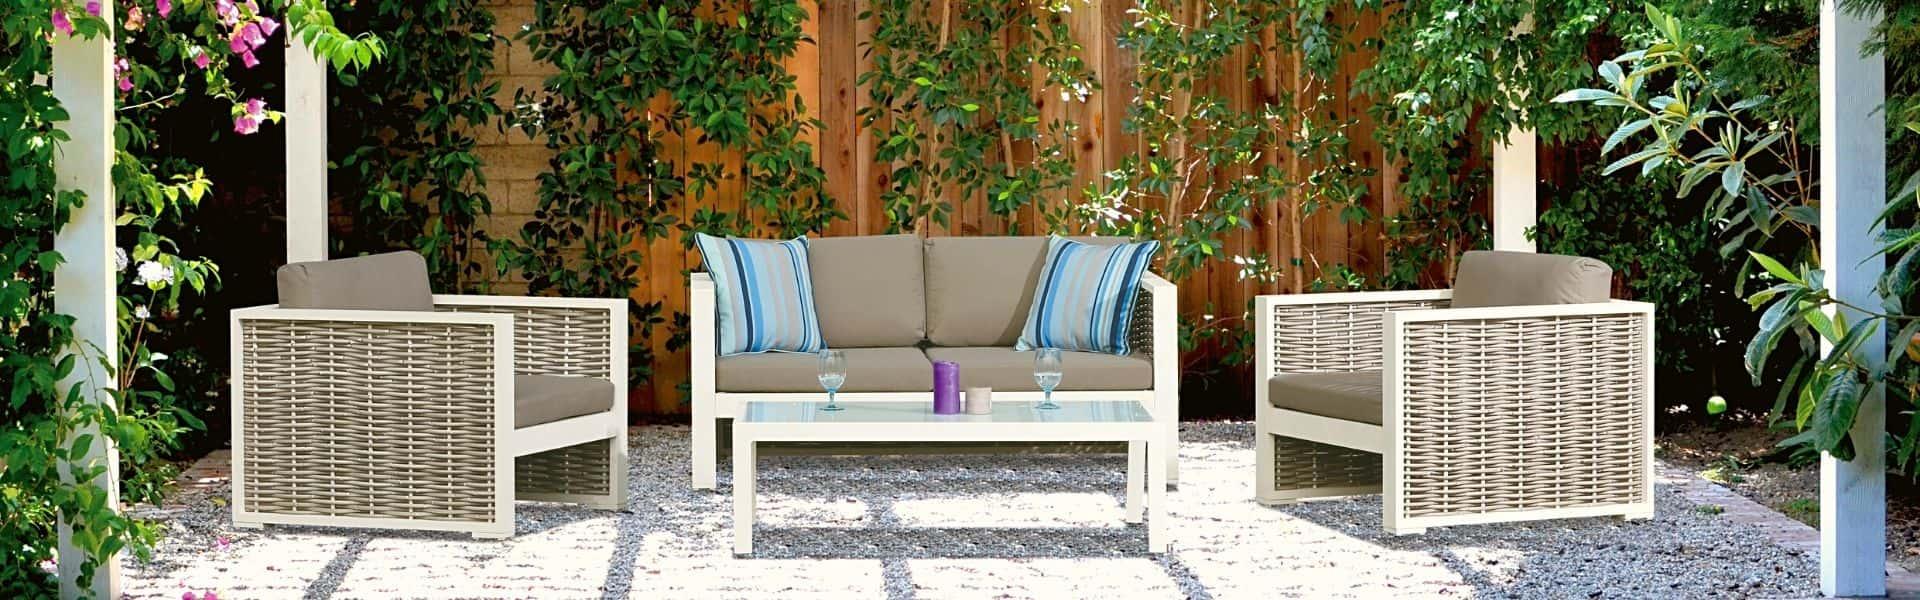 tienda online de muebles de jardin